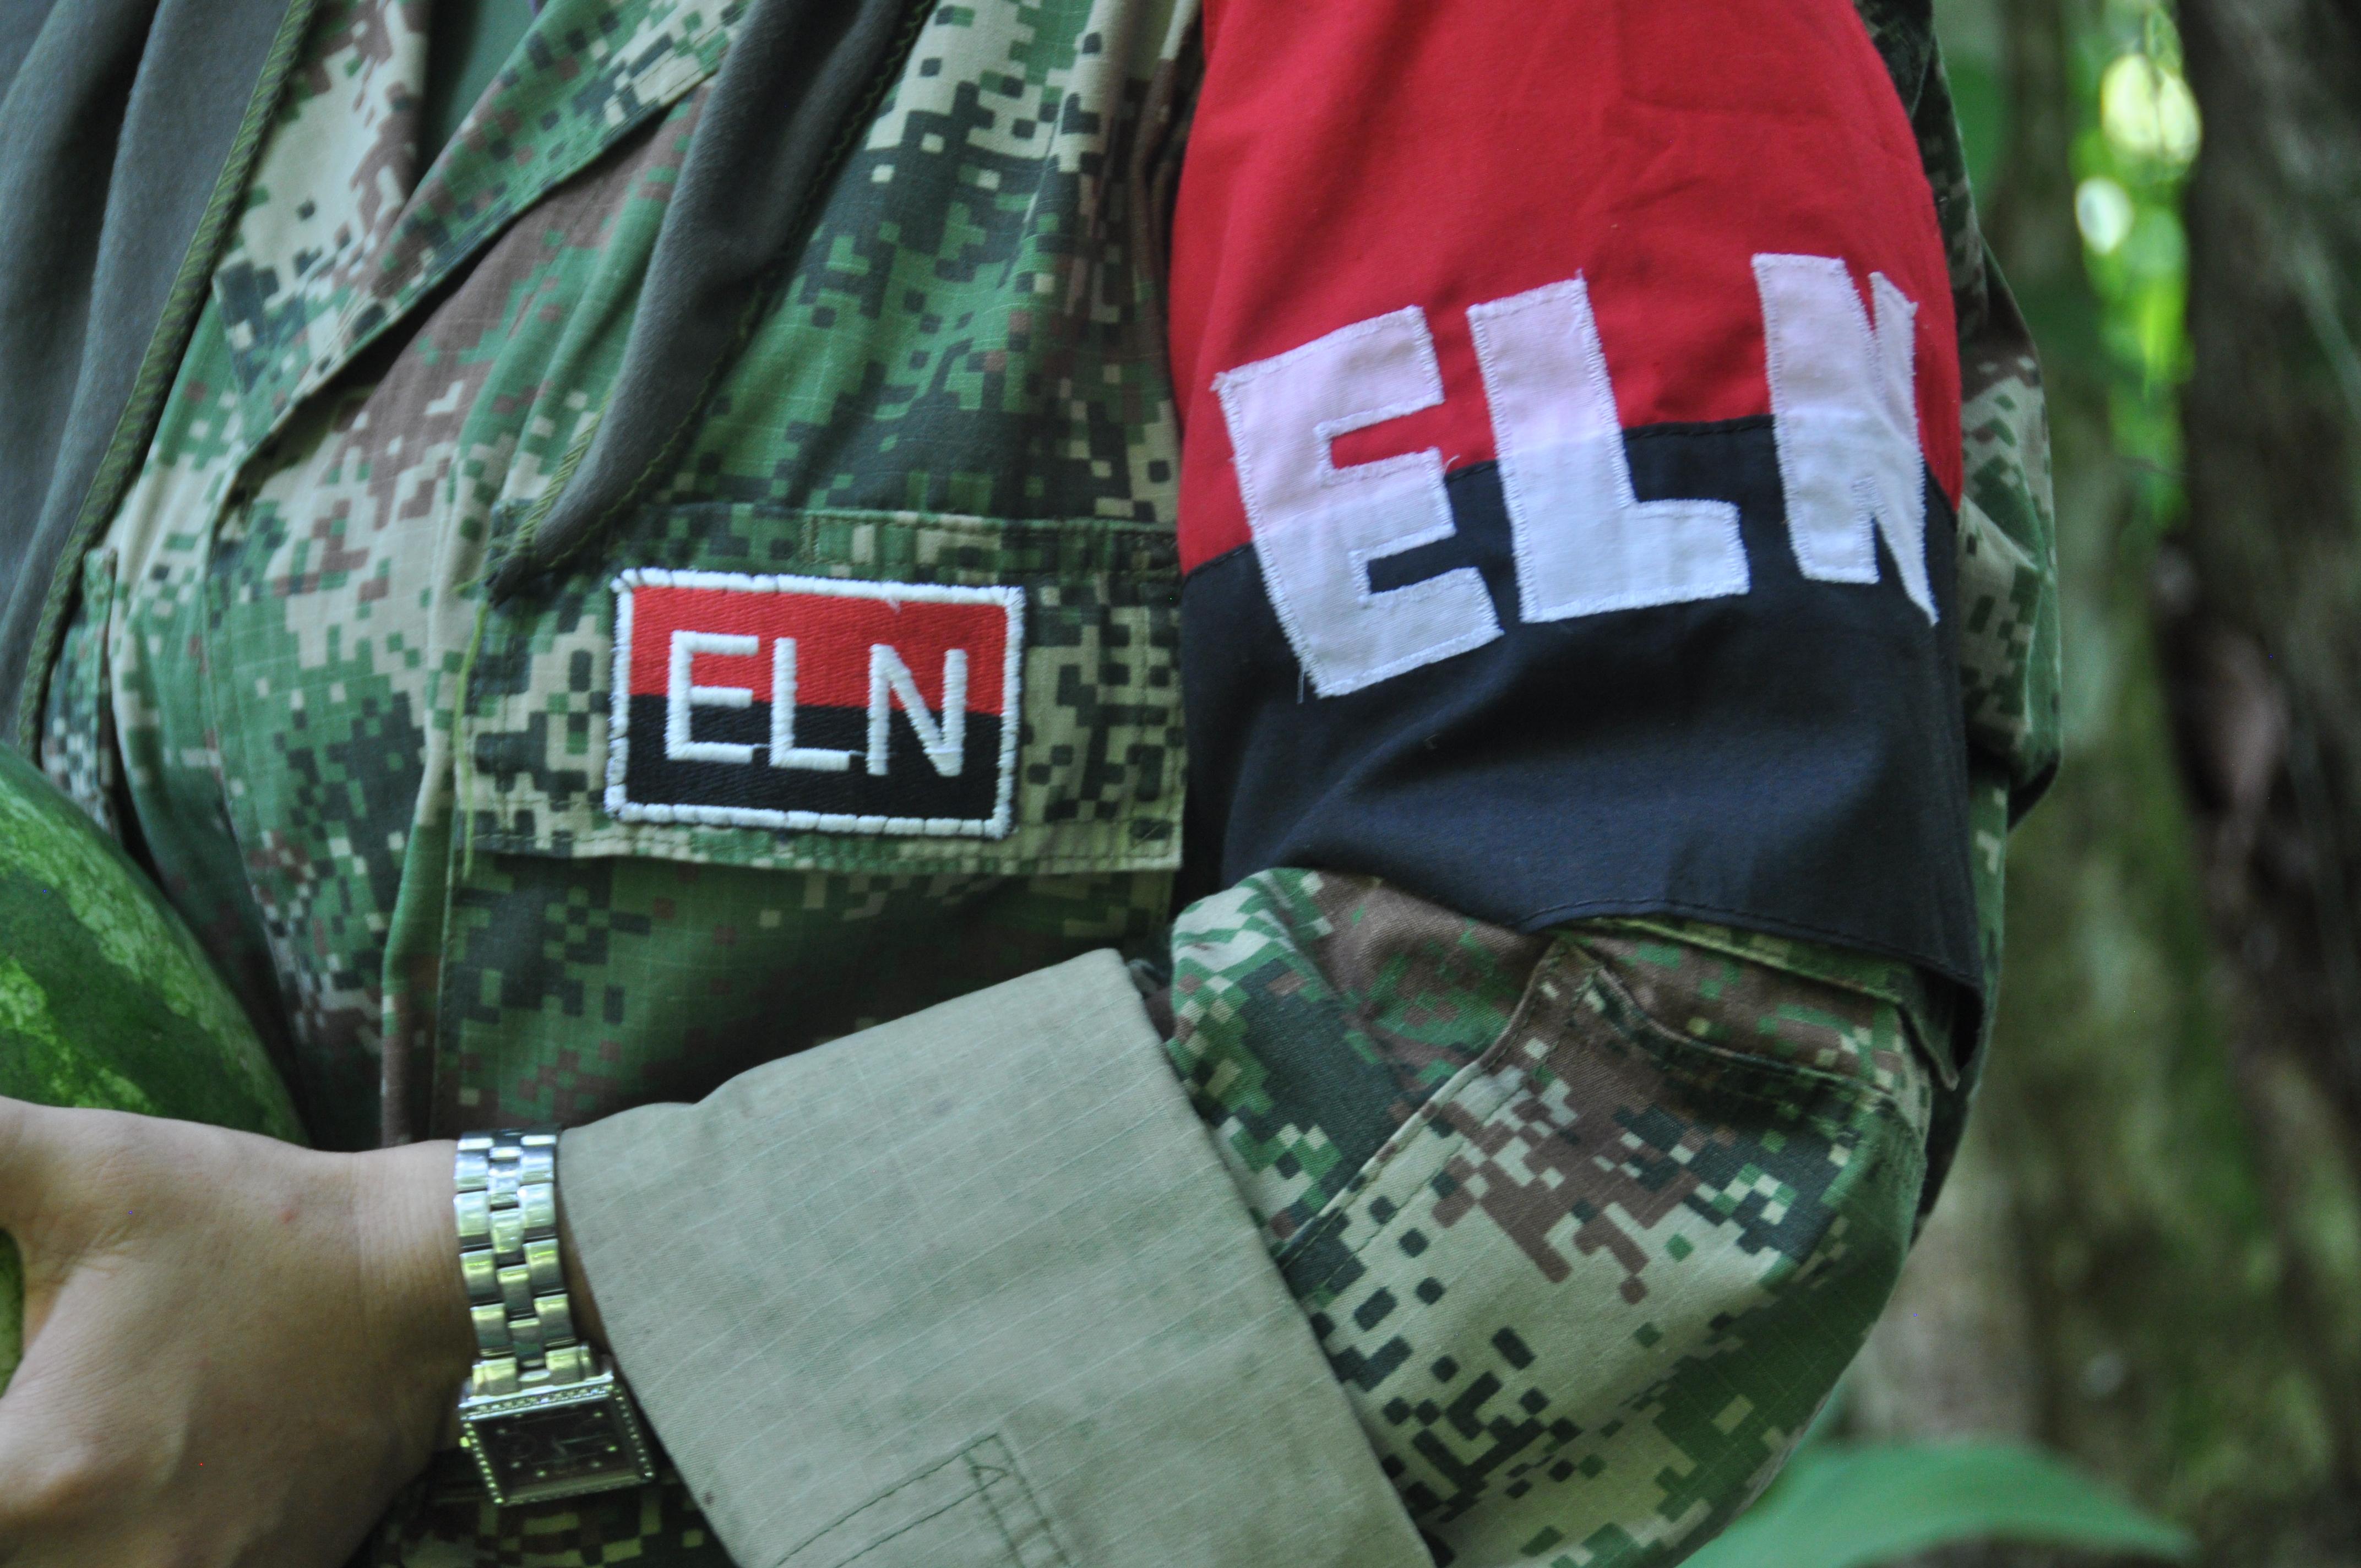 Capturado en la terminal de Bucaramanga un joven de 17 años con material de guerra del ELN  | EL FRENTE